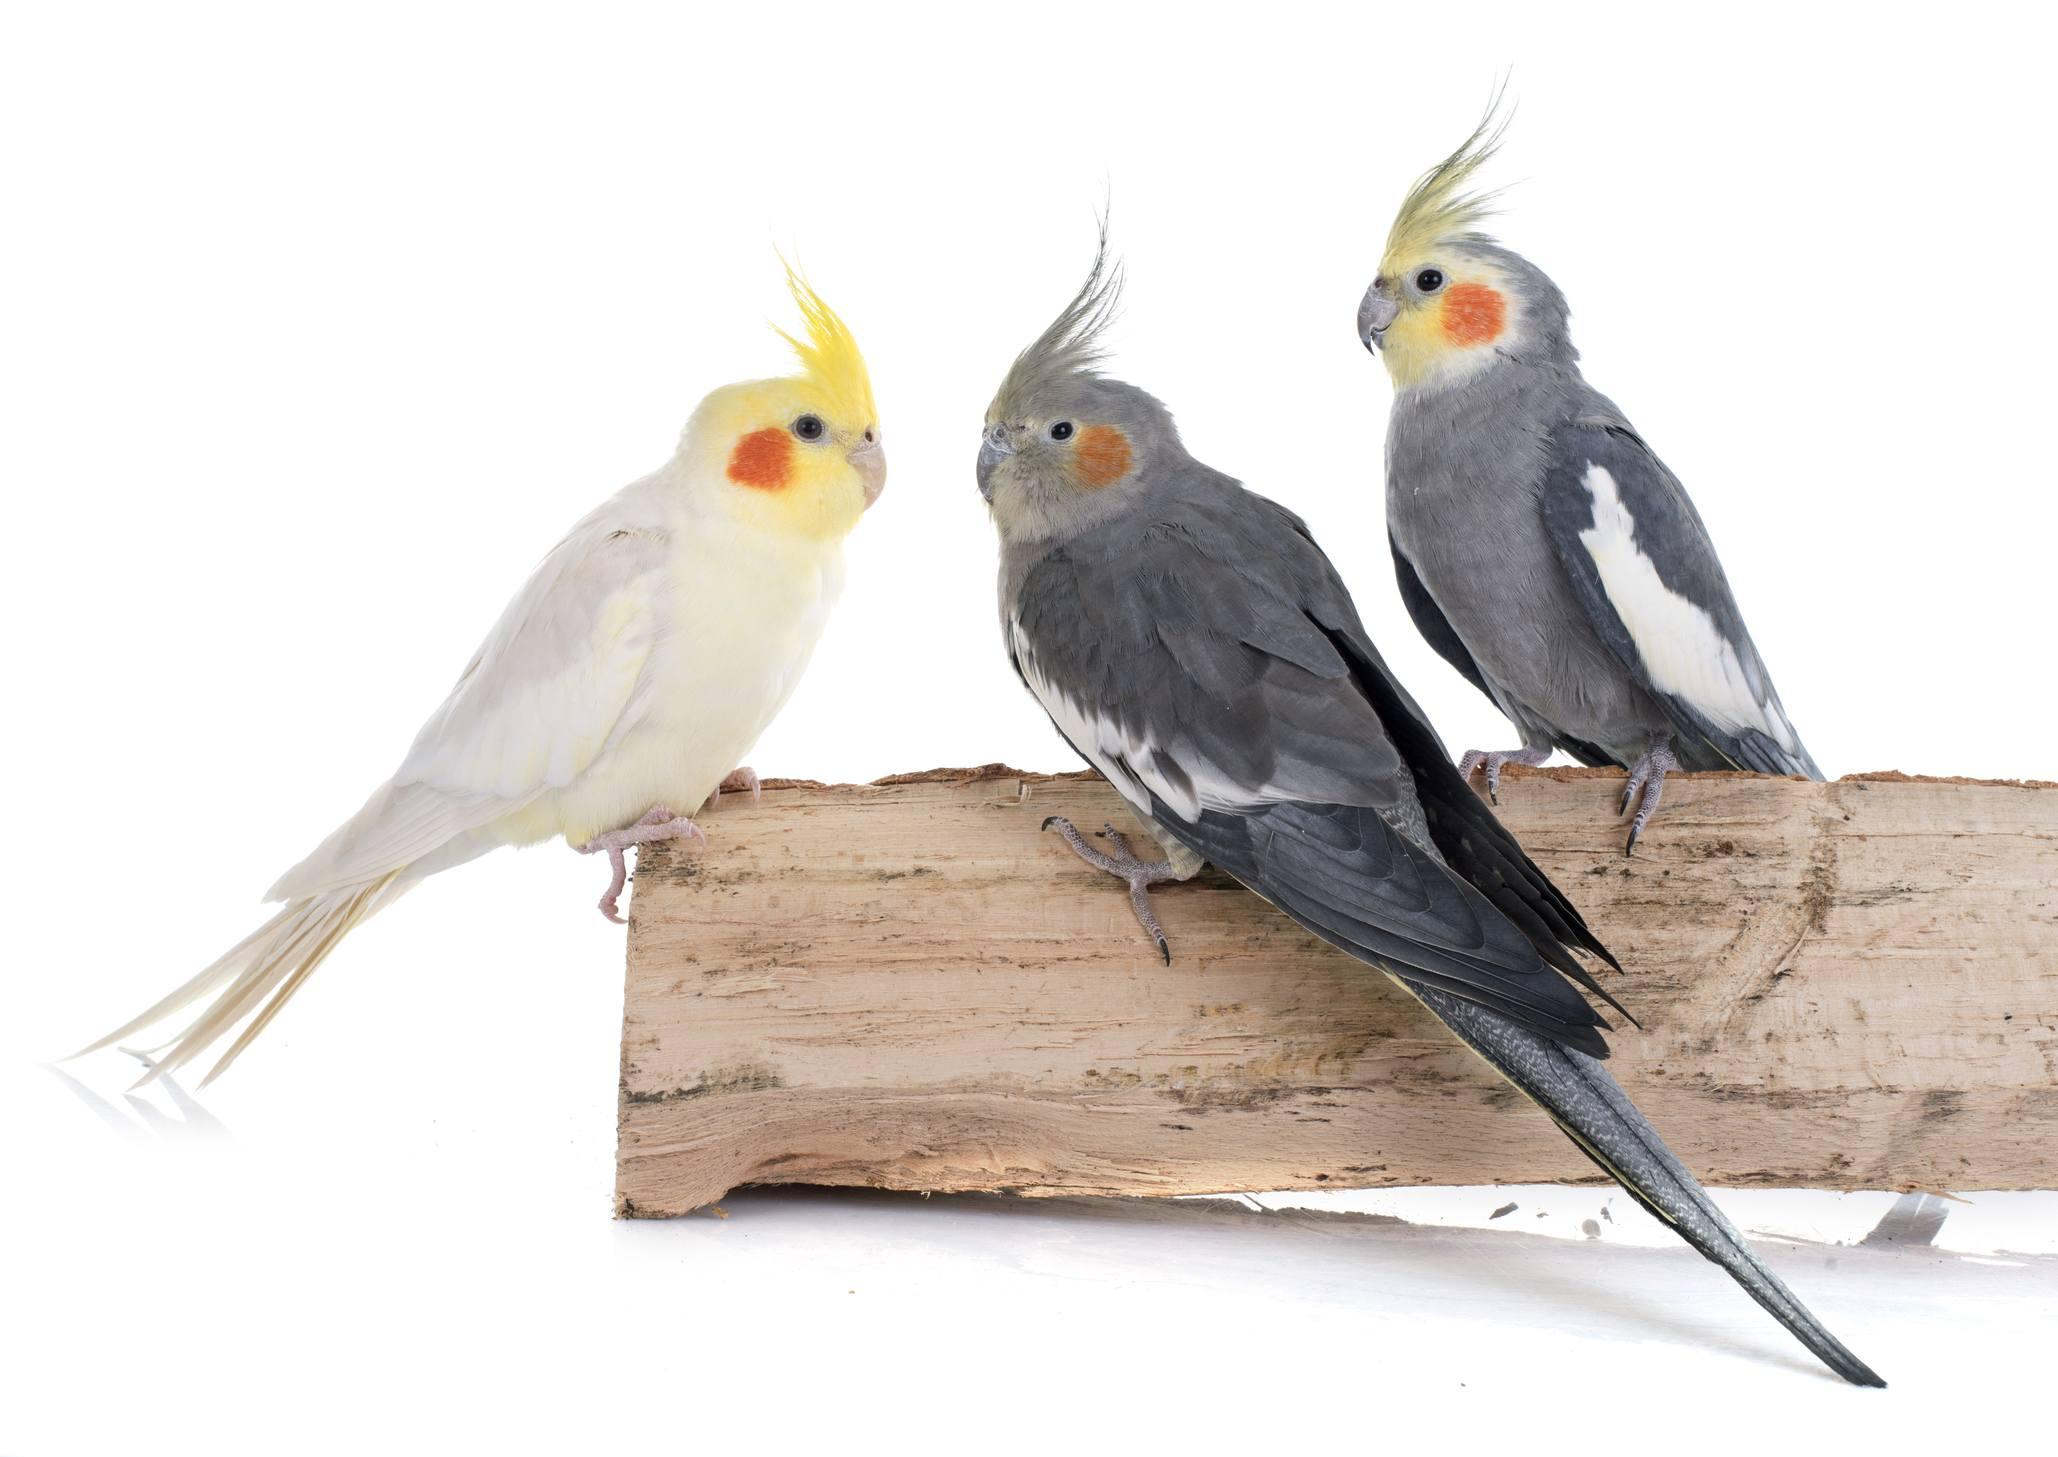 three cockatiels sitting on wood